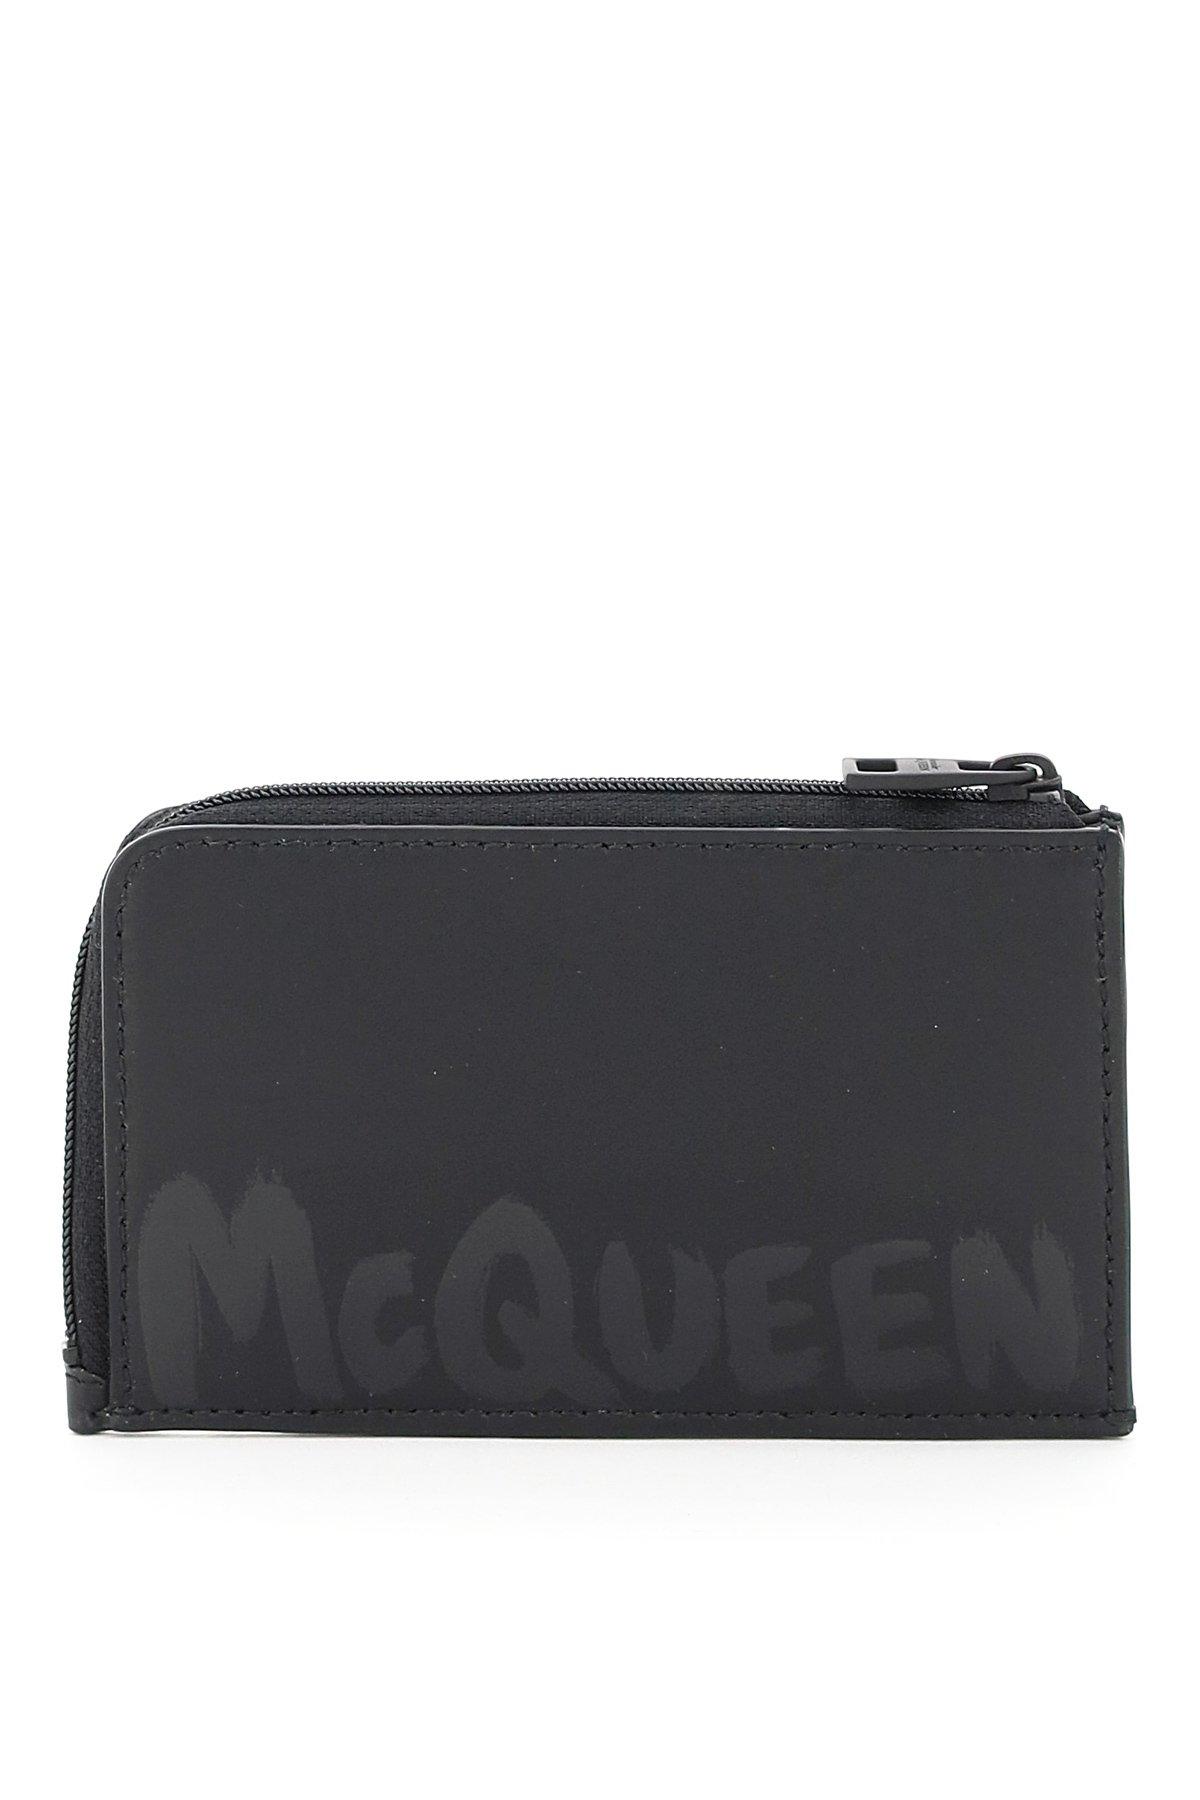 Alexander mcqueen graffiti logo card pouch